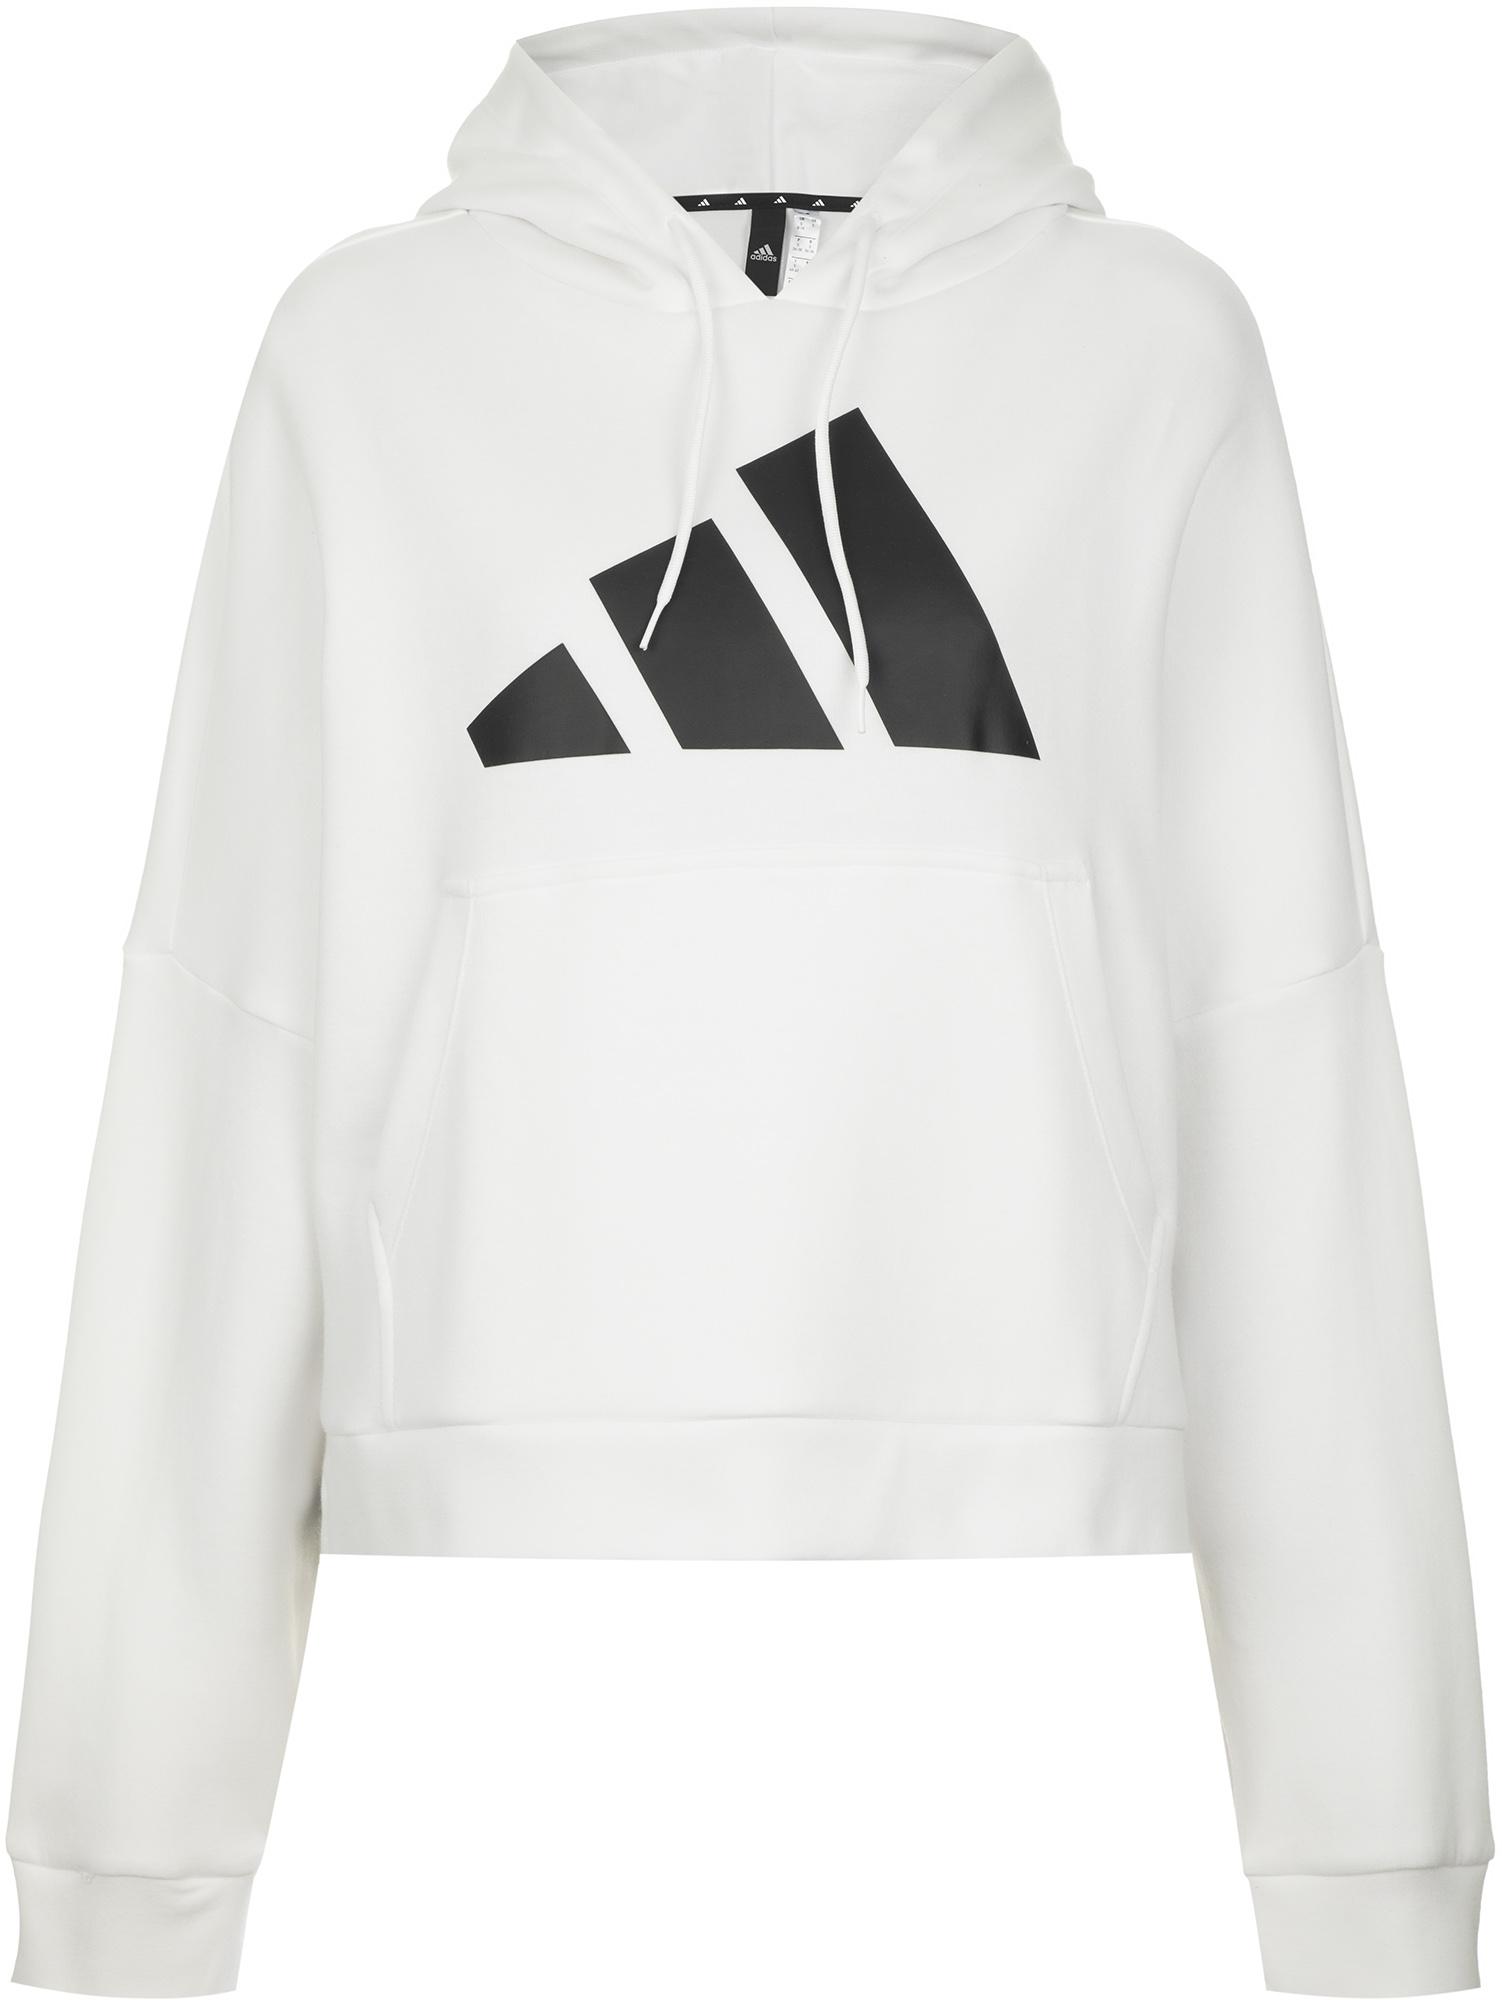 Adidas Худи женская adidas Urban, размер 42-44 худи мужское adidas m zne hd fr цвет серый dp5142 размер m 48 50